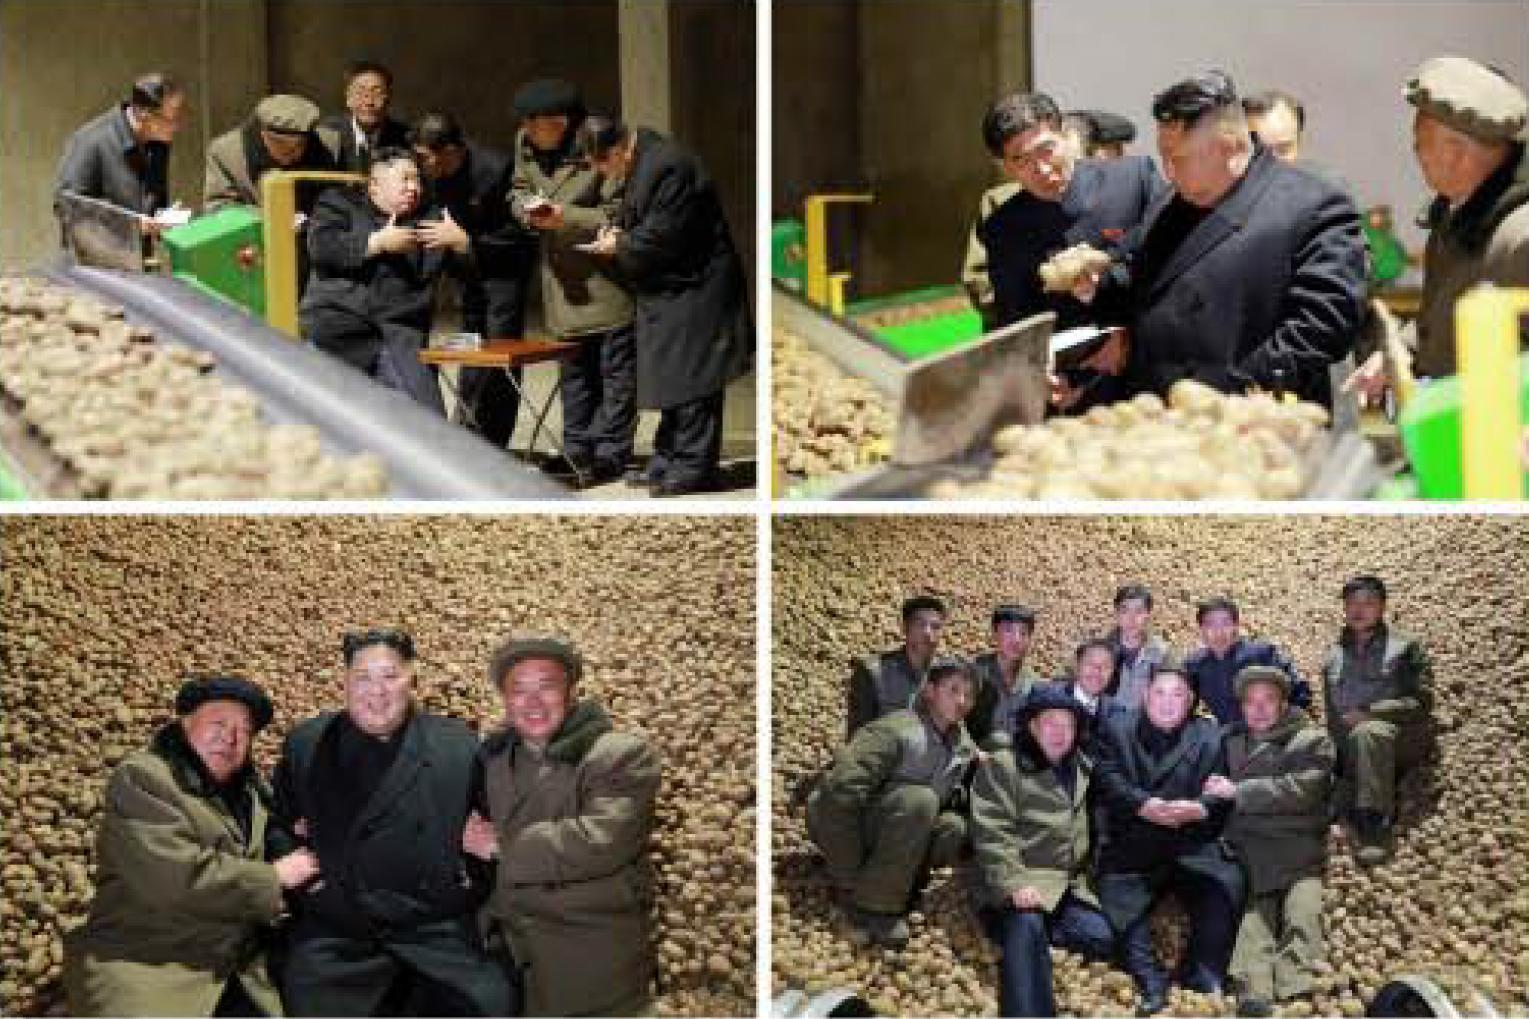 노동신문은 김정은 국무위원장이 삼지연 감자가루 생산공장을 현지지도하는 사진과 근로자들과 기념사진을 찍는 장면도 함께 보도했다.[연합뉴스]